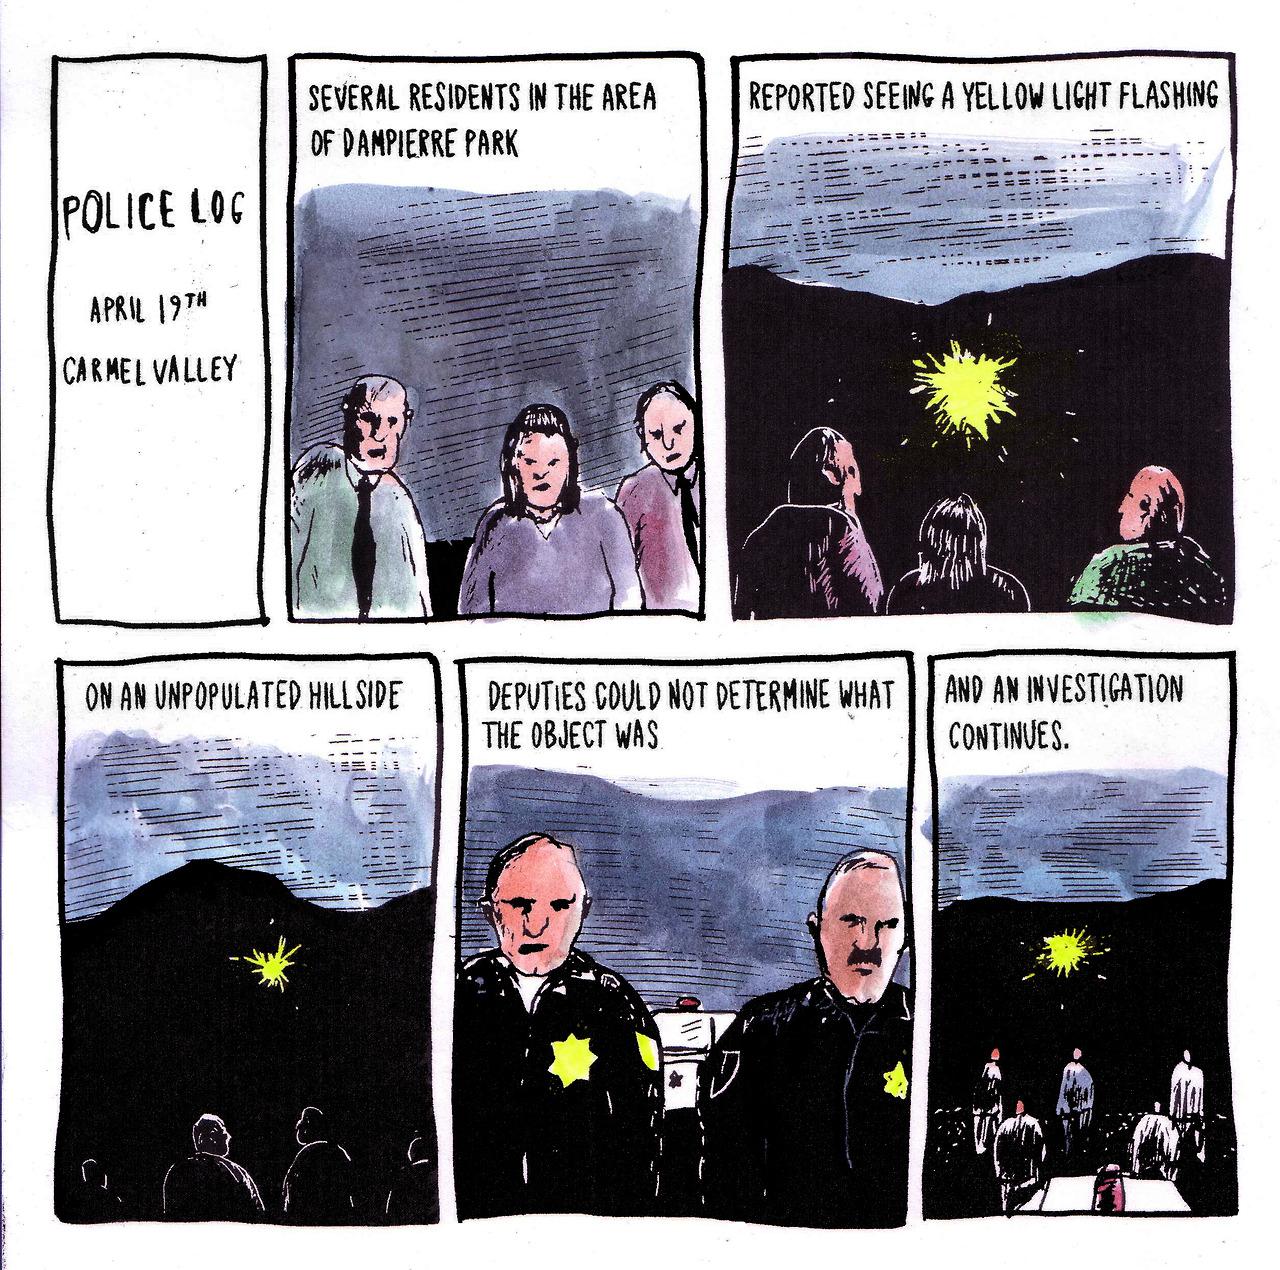 policelogcomic